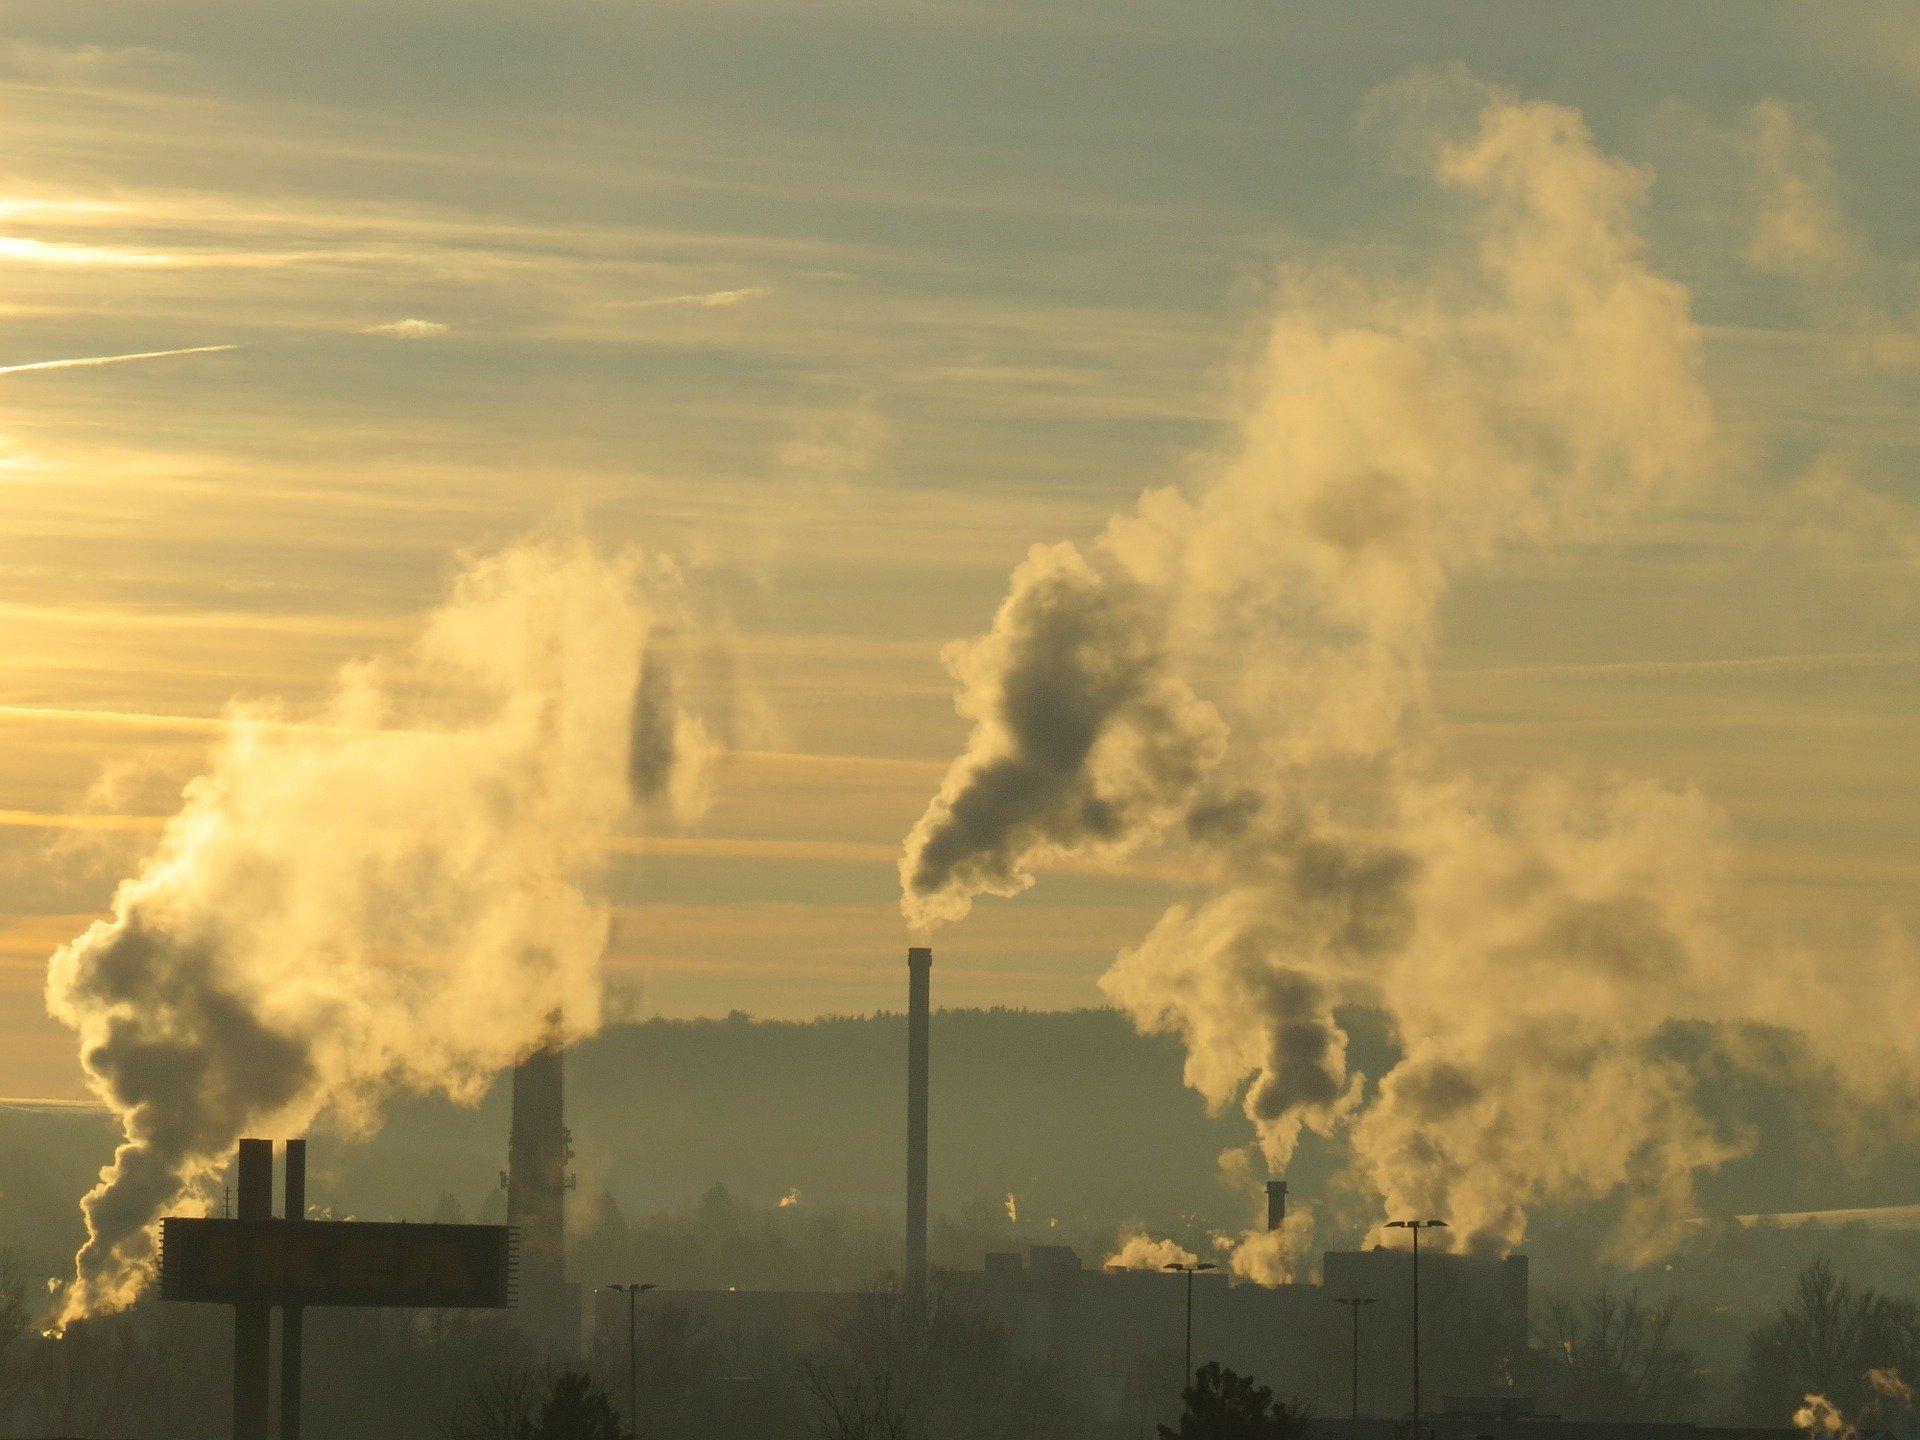 vista dei fumi che esala una fabbrica